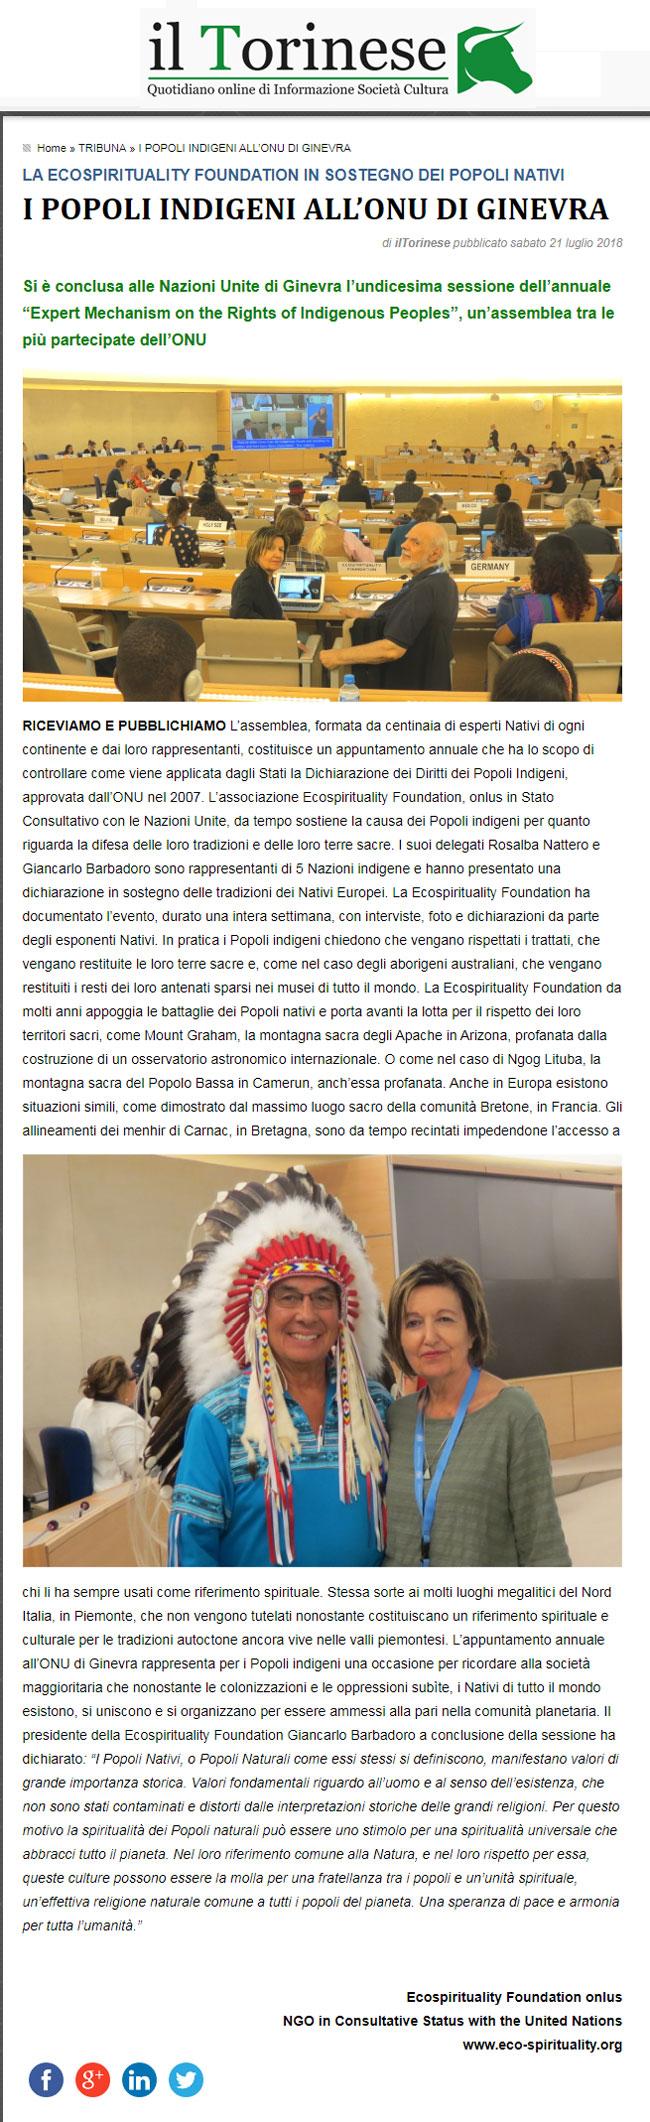 il-torinese-21-07-2018-i-popoli-indigeni-all-onu-di-ginevra